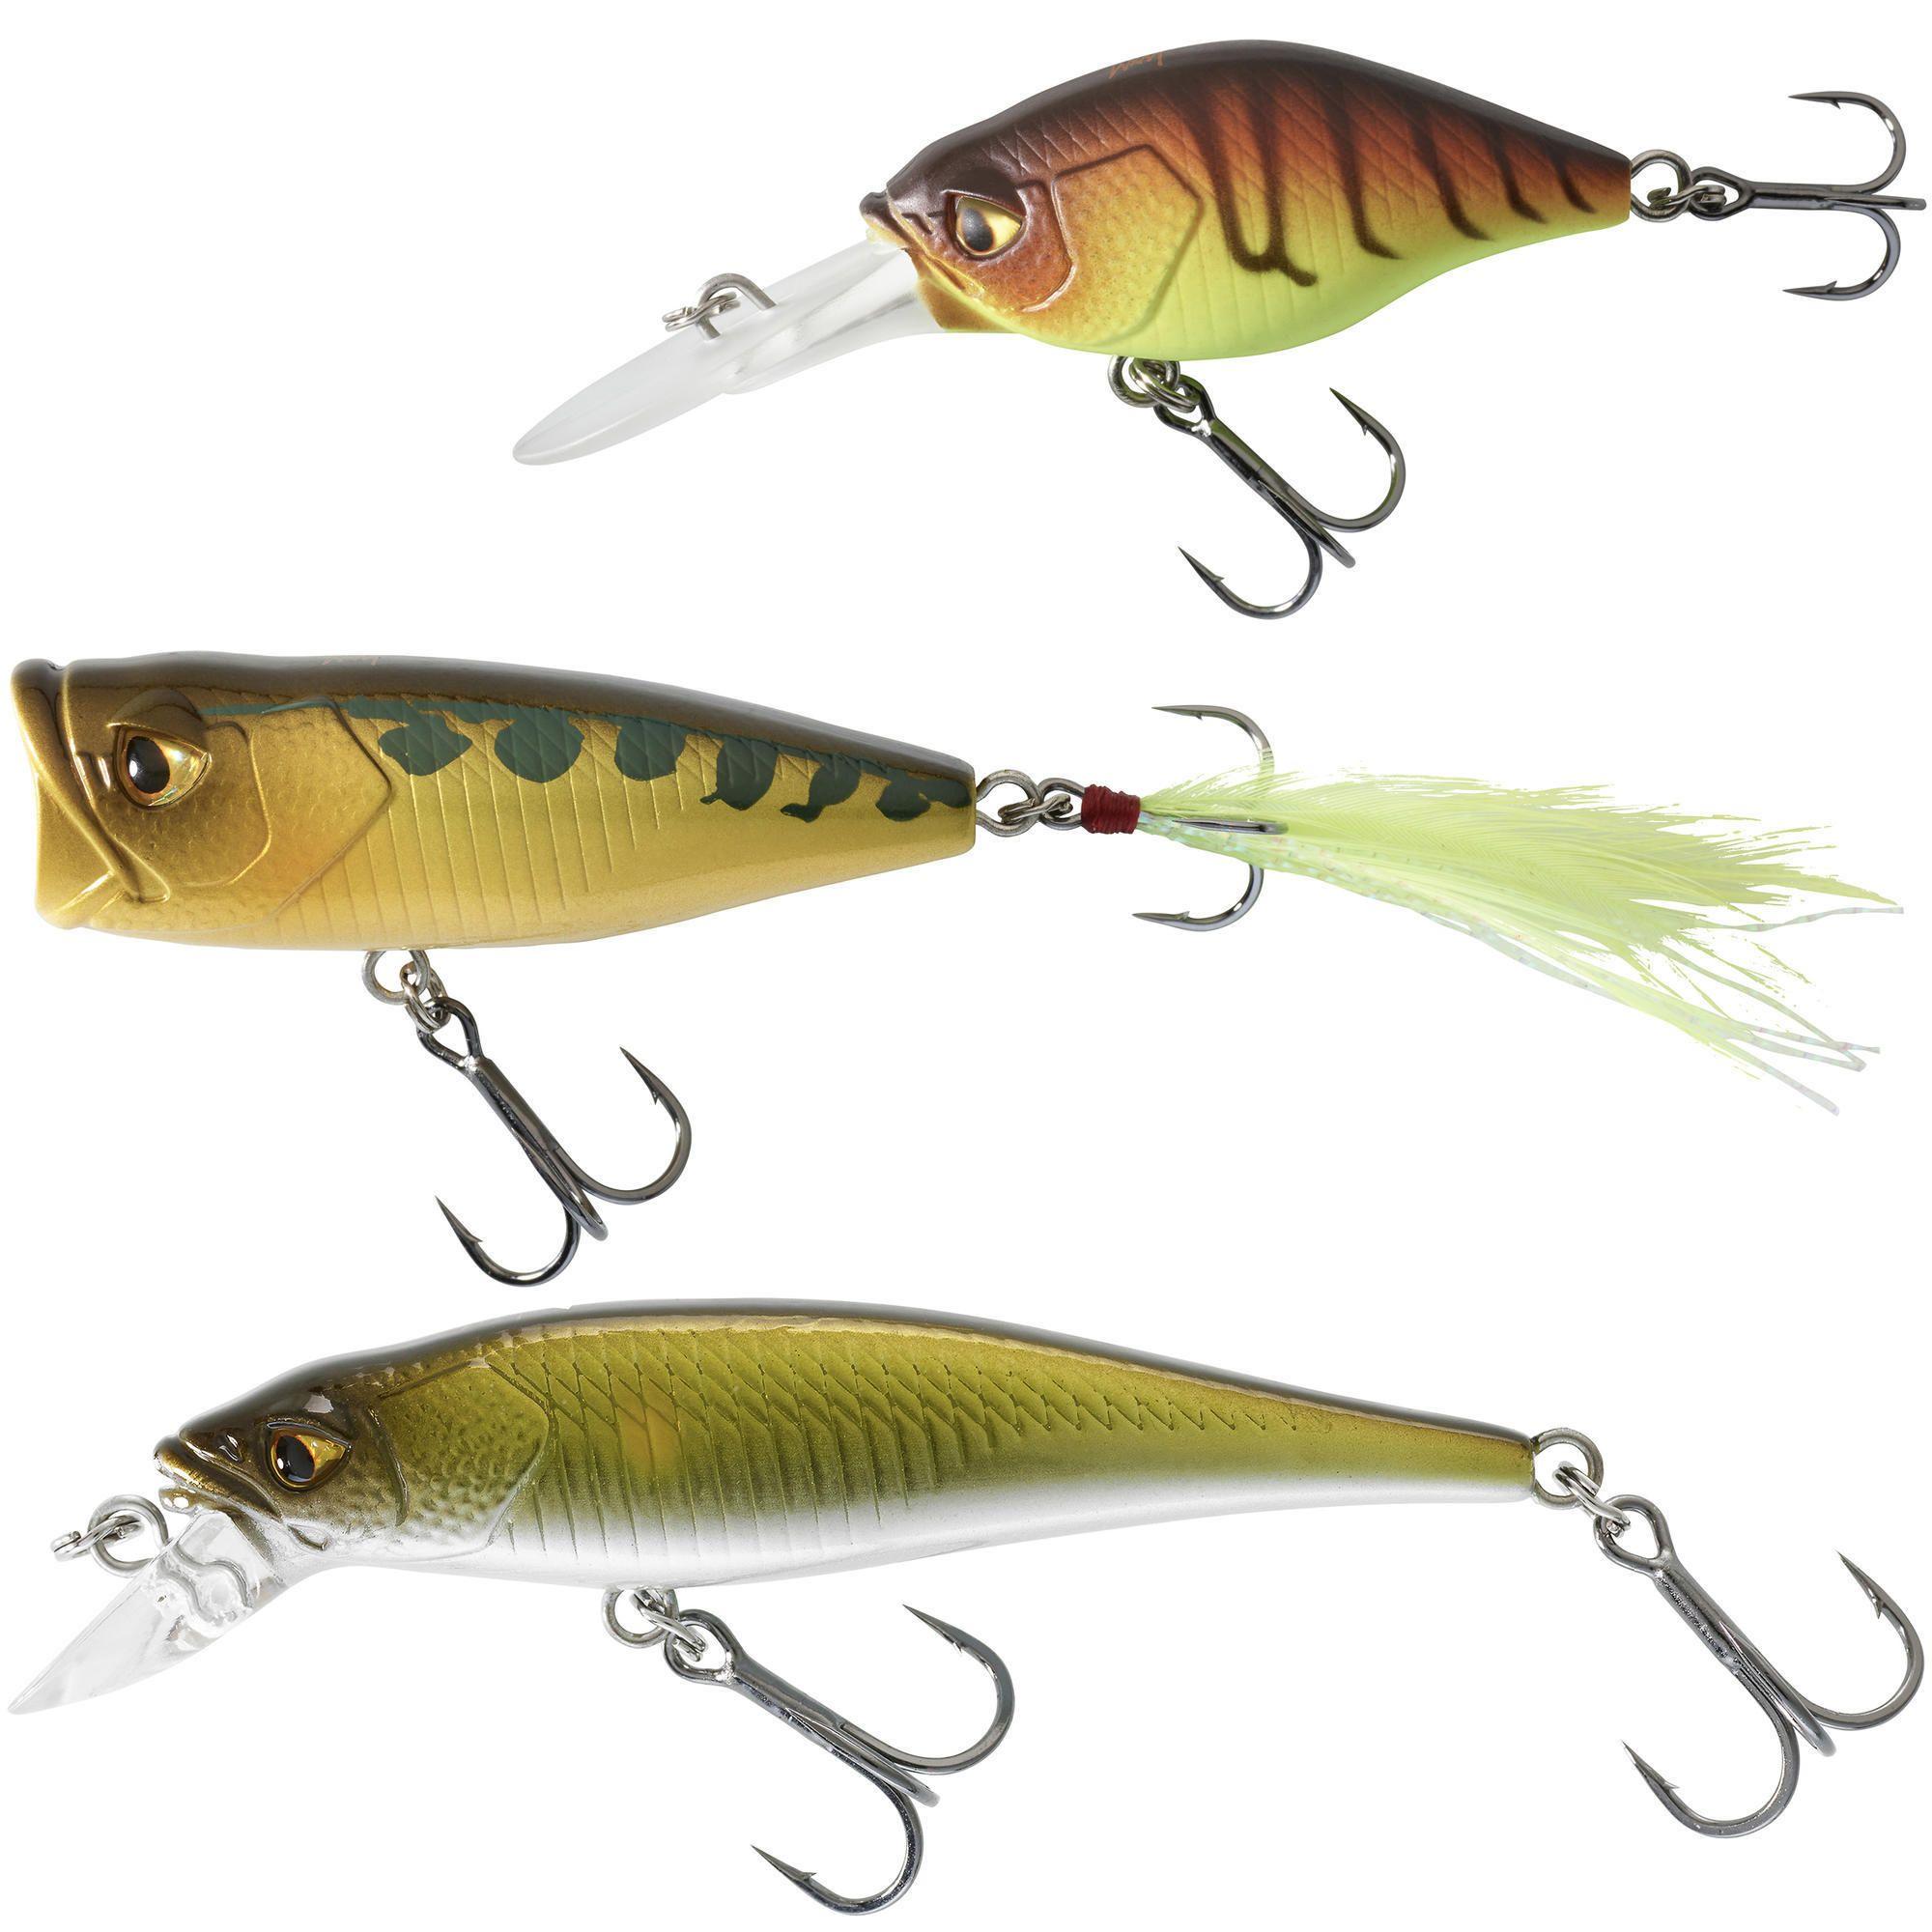 Caperlan - Hengelsport - Plug - Kunstvisjes popper minnow crankbait kunstaasvissen set baars 3 PN. Onze ontwerpers, zelf fervente vissers, hebben deze set kunstvisjes ontwikkeld voor het vissen op baars.